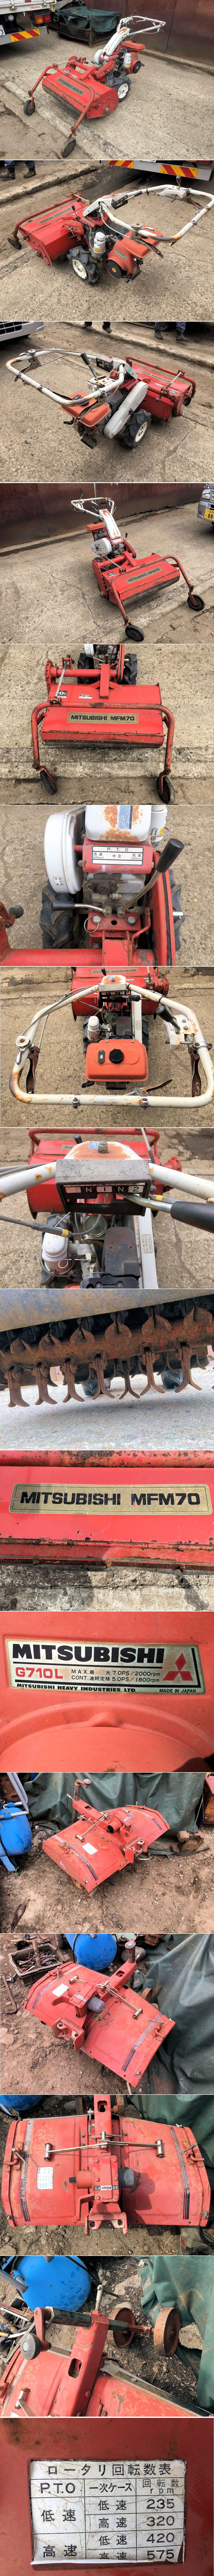 ハンマーナイフモアー MFM70 草刈機 管理機 耕運機ロータリー付 7馬力 一石二鳥 実働 中古